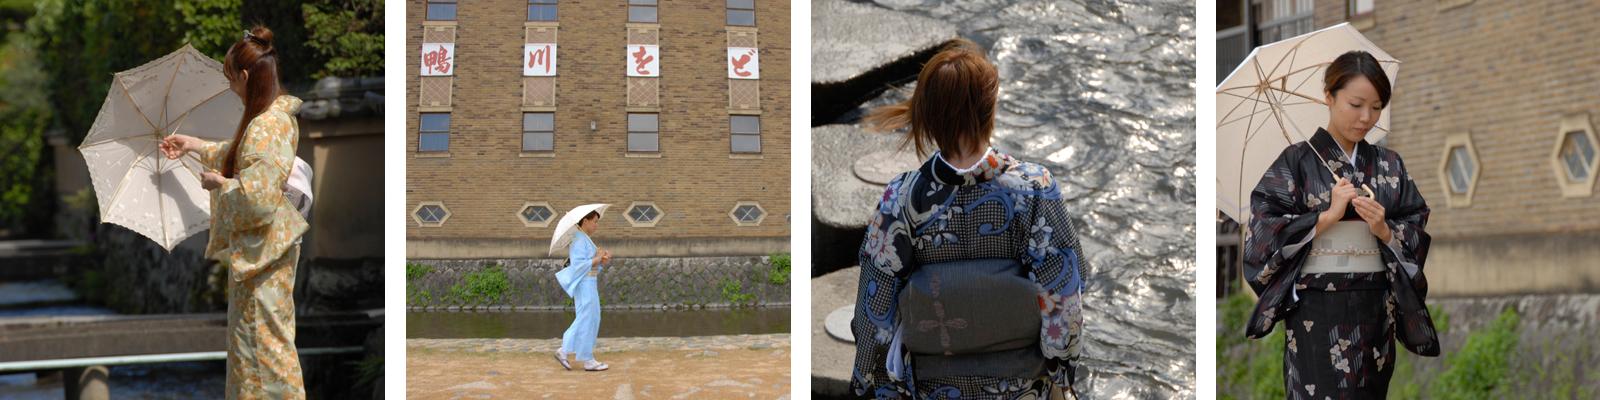 夏のレンタル着物が似合う素敵な京都の風景